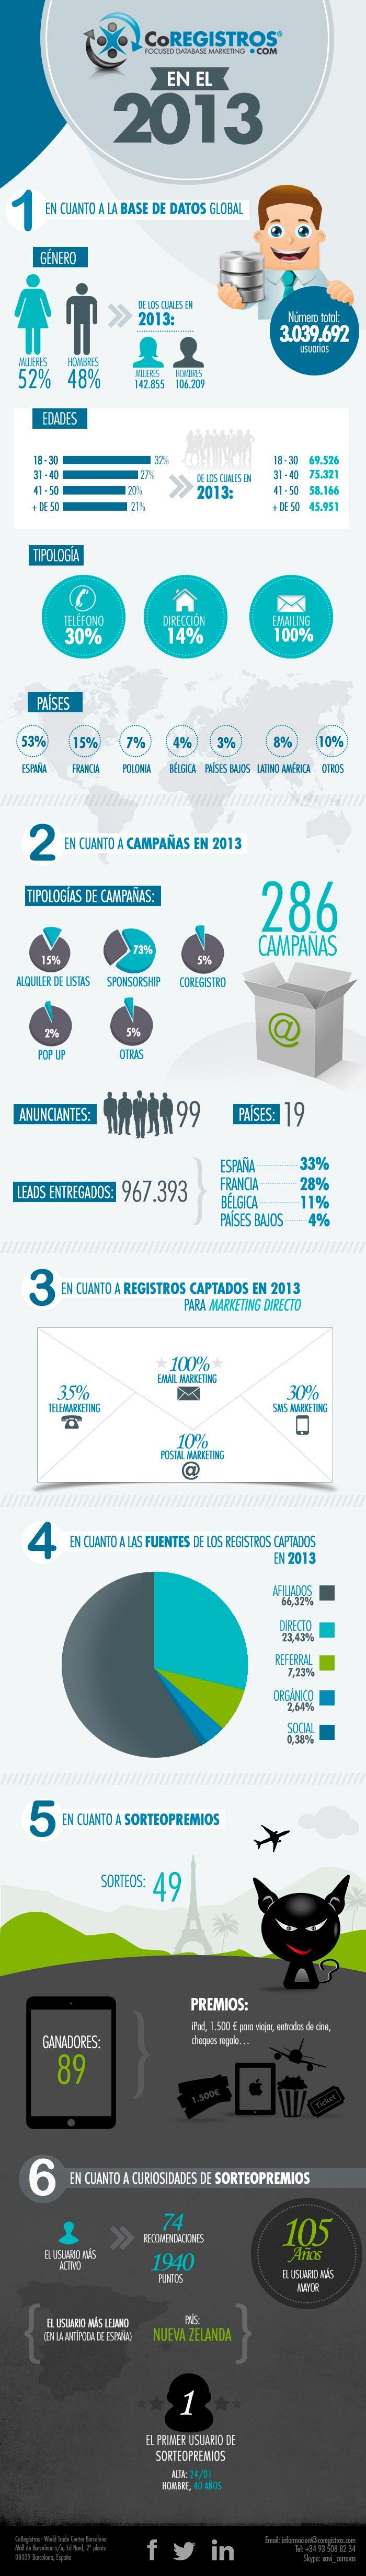 Resultados de CoRegistros en el 2013